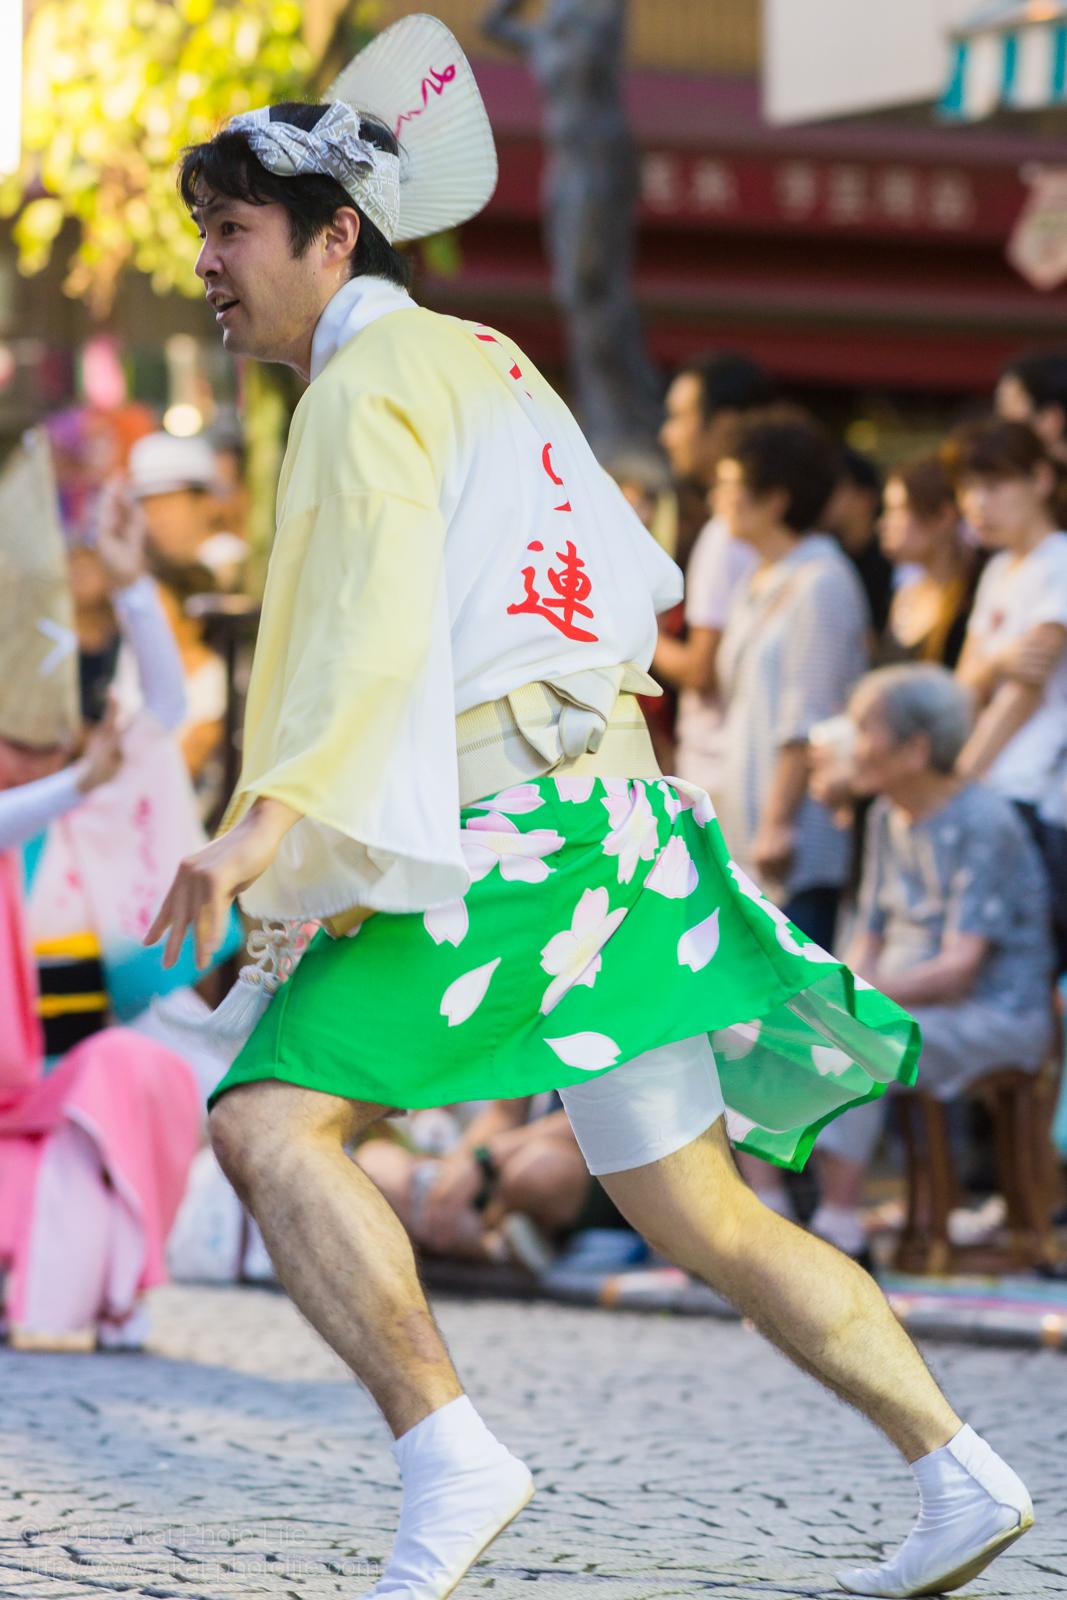 三鷹阿波踊り、小金井さくら連の豪快な男踊り